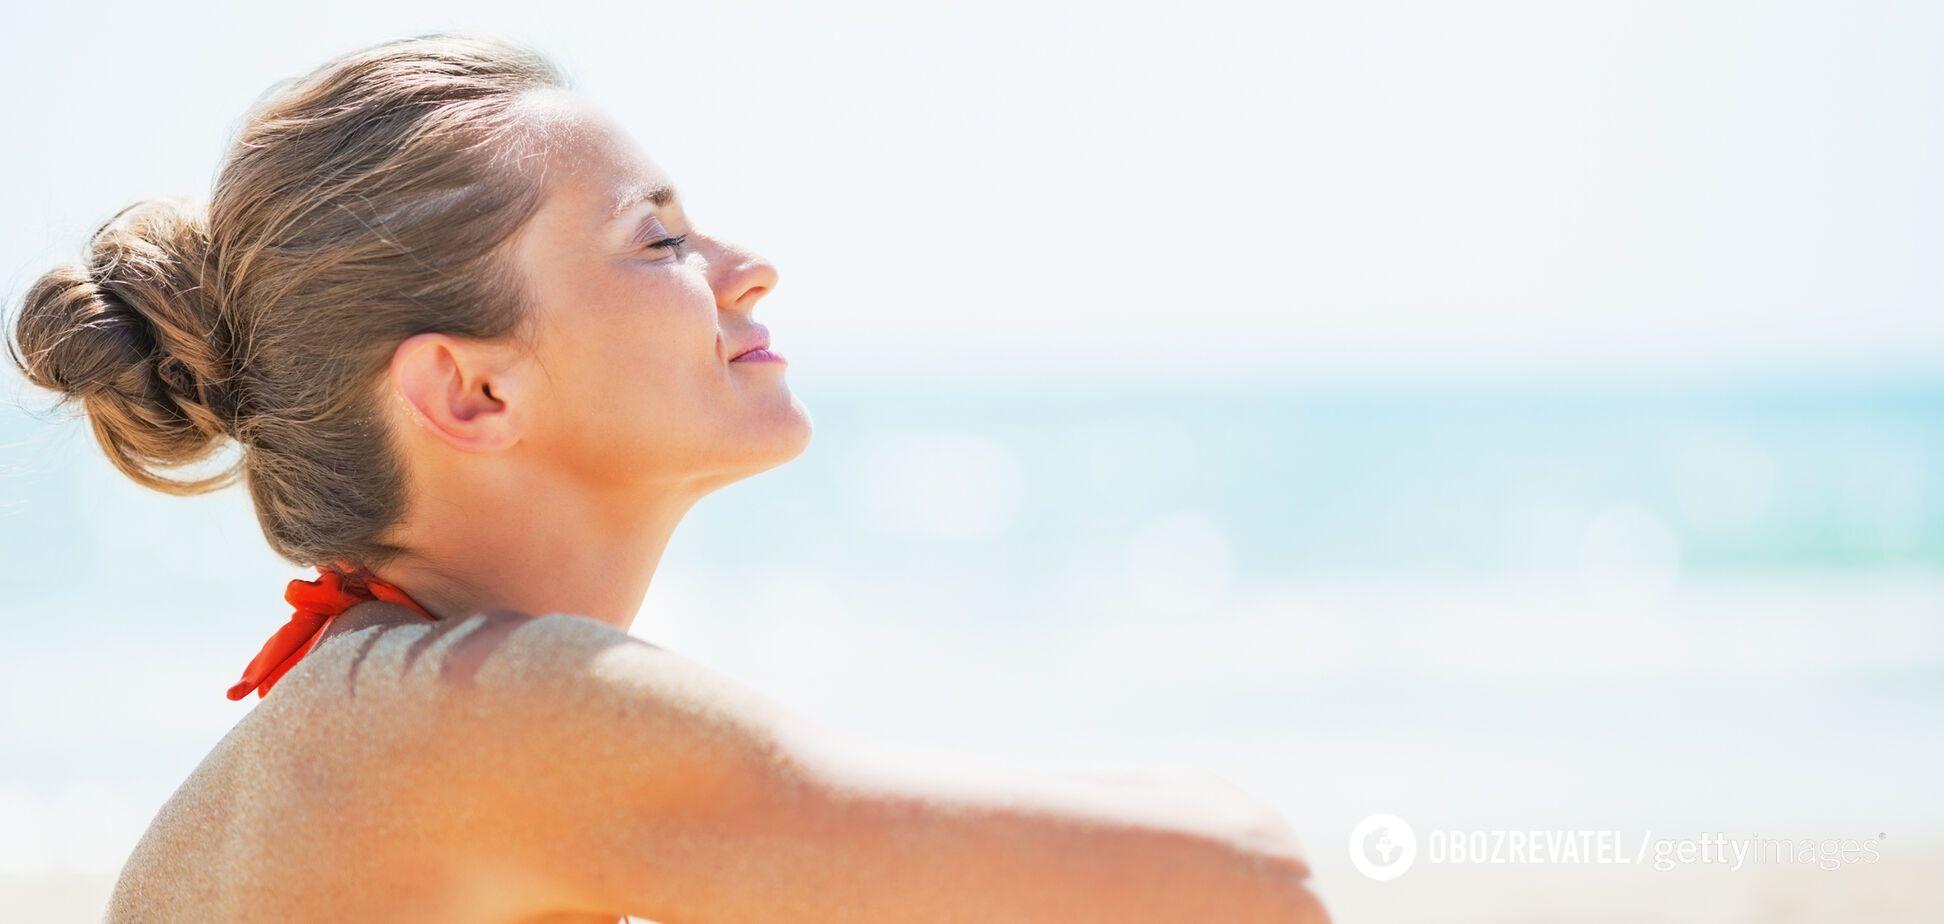 Здорове харчування допомагає підготувати шкіру до ідеальної засмаги